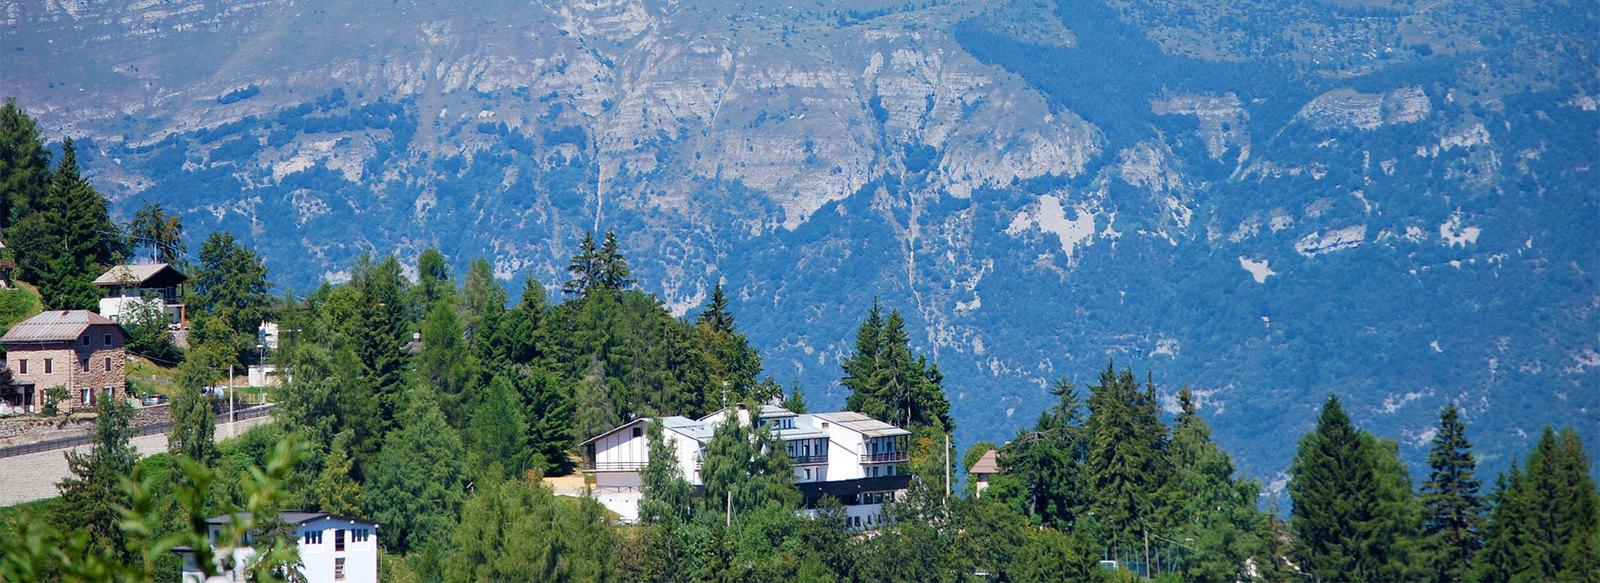 Sul Monte Bondone, a 1300 metri di altitudine